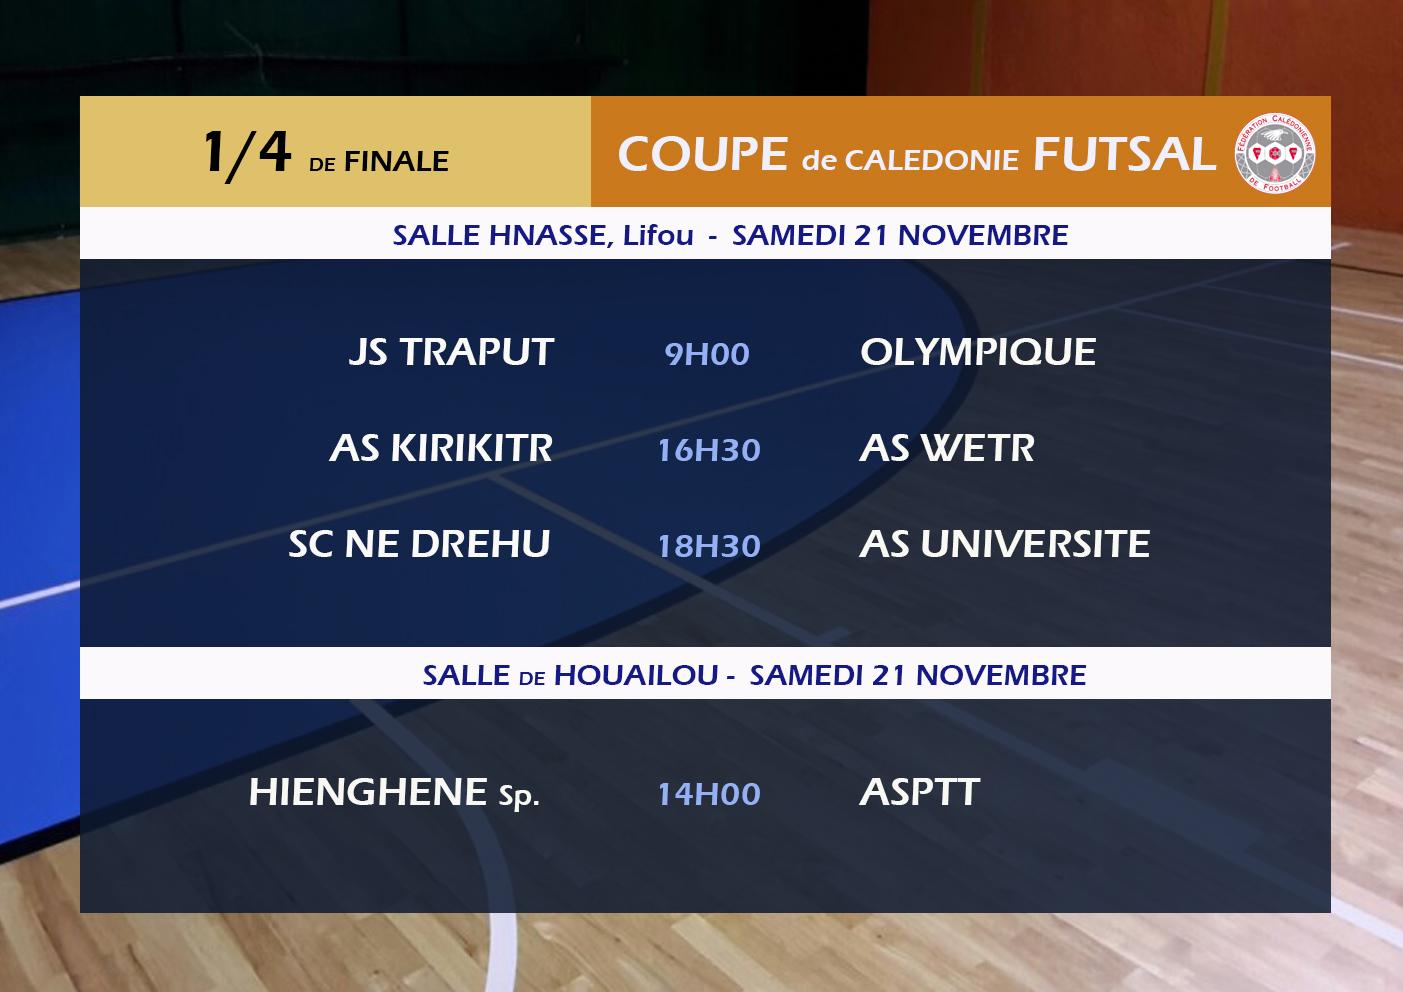 """"""" Que du bonus """" / Thierry ROKUAD, entraîneur - As KIRIKITR / Quarts de finale - COUPE FUTSAL"""